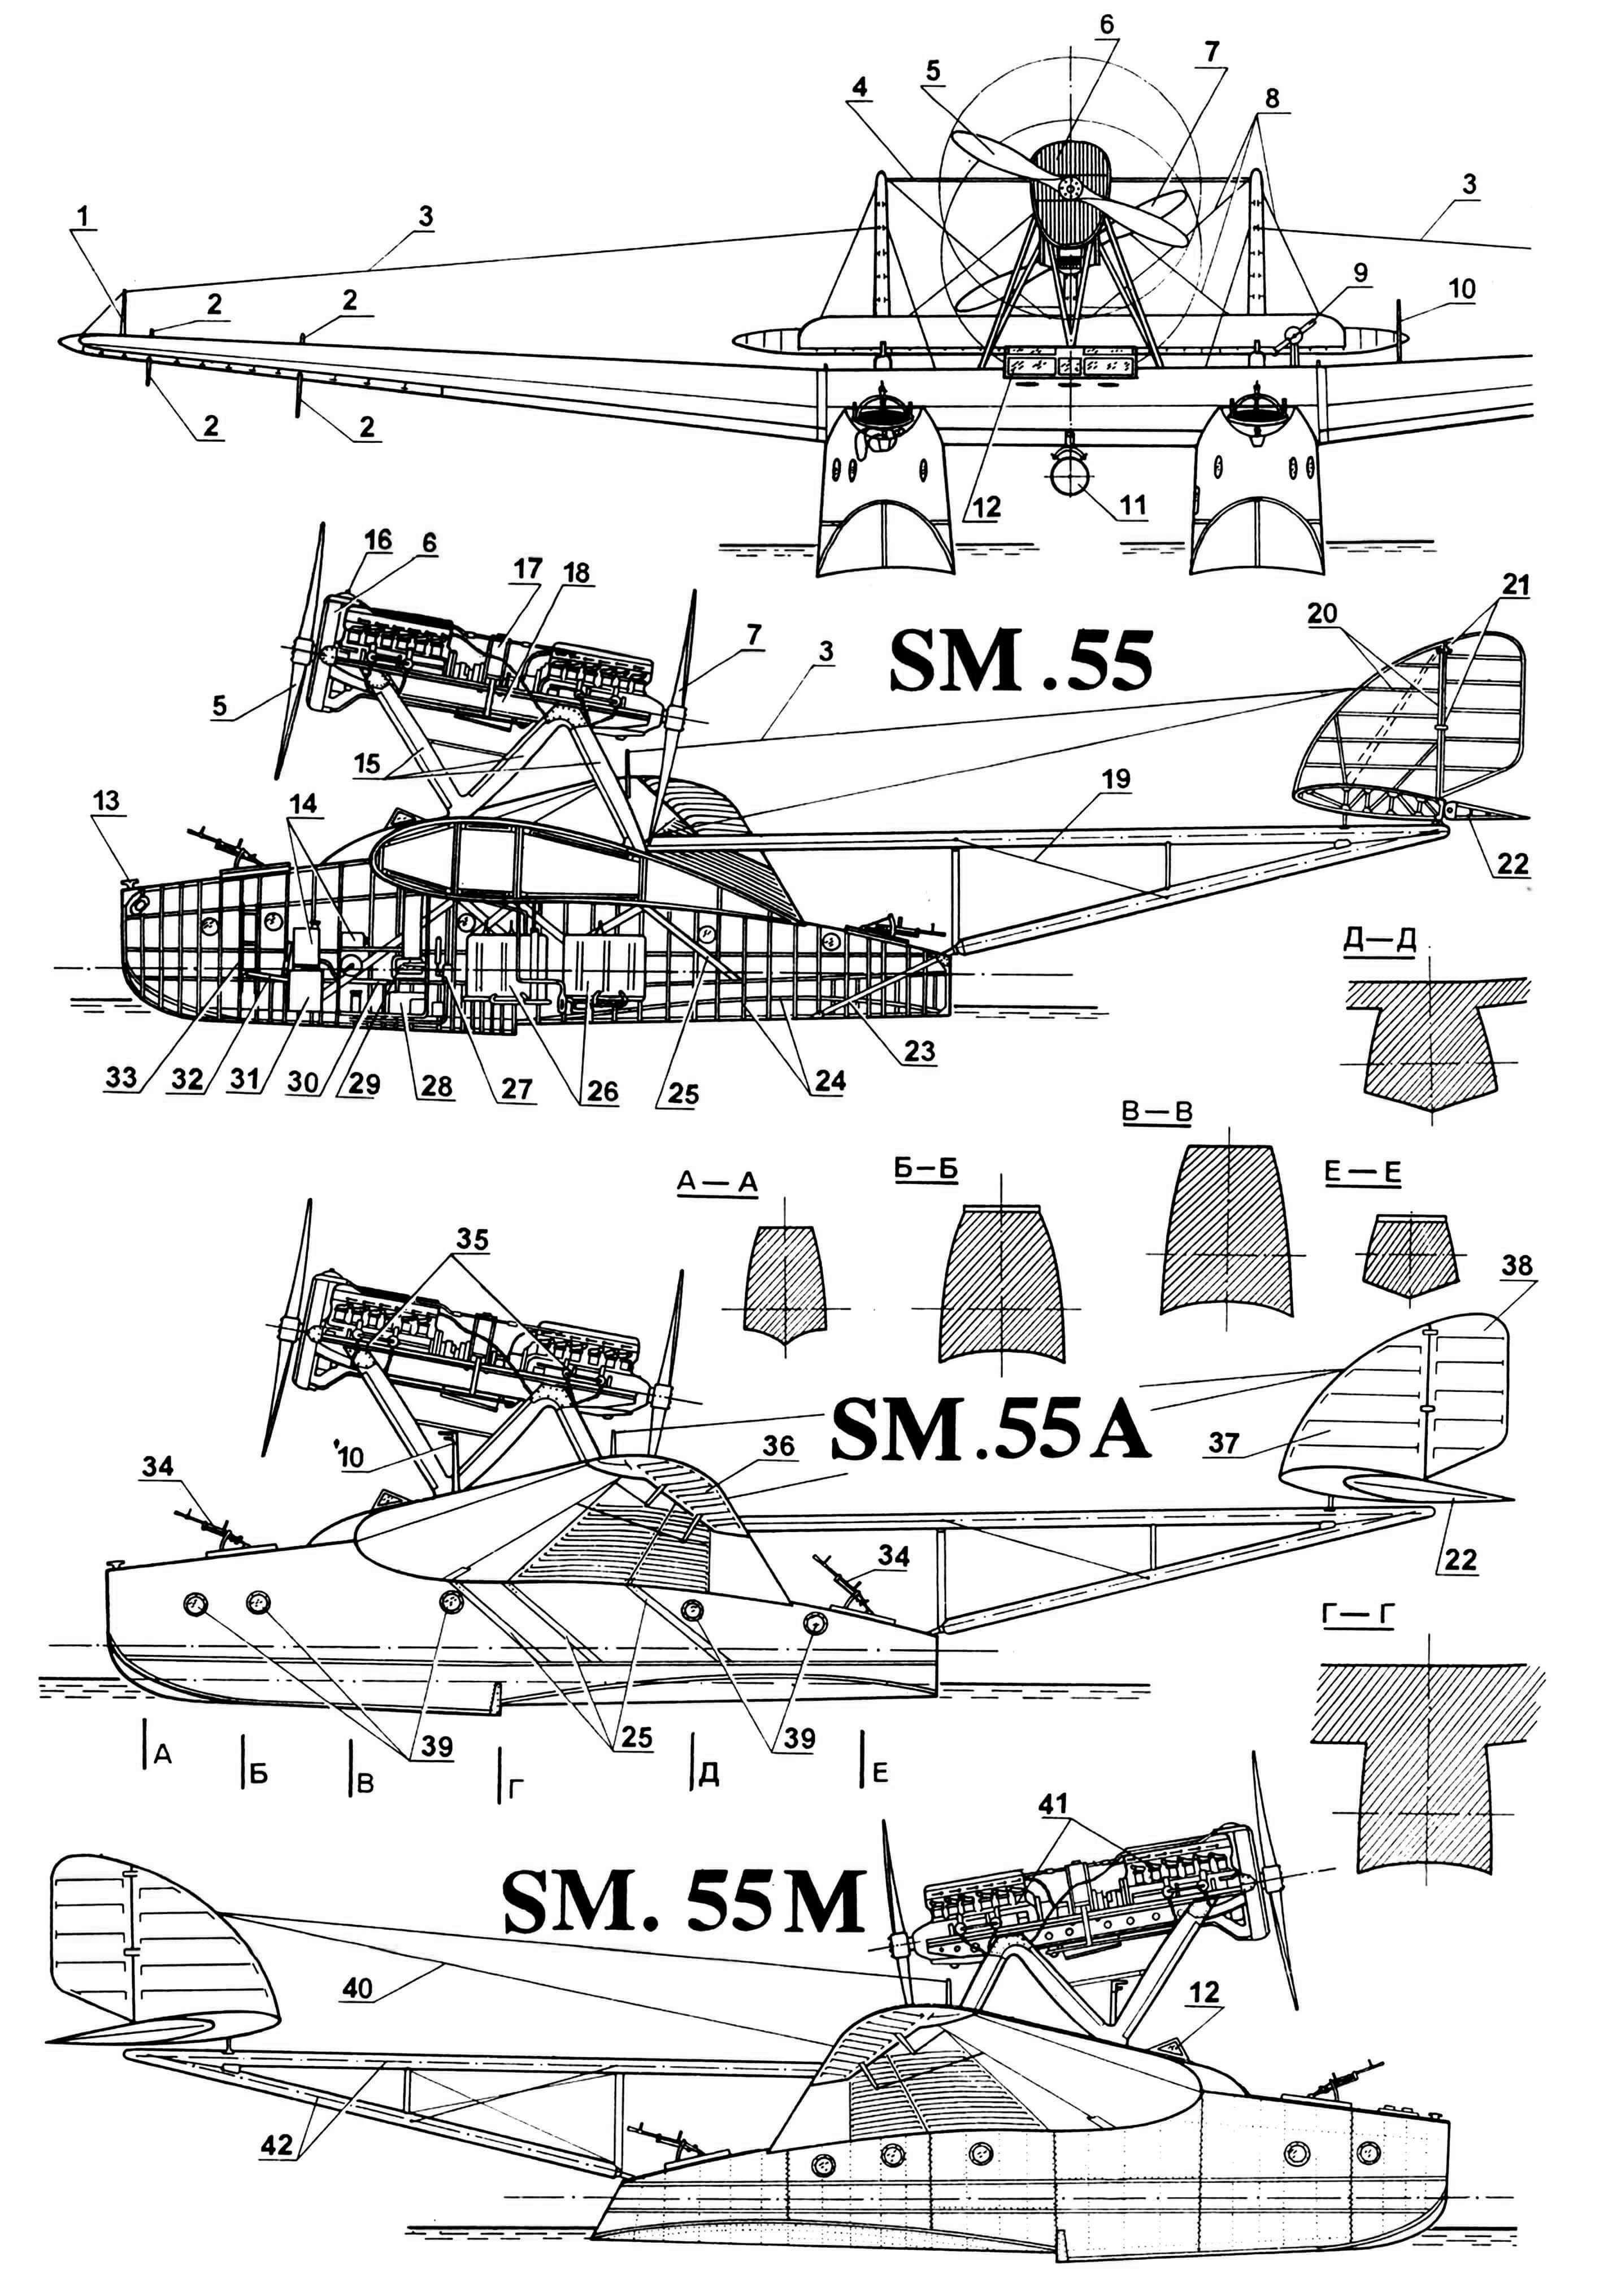 РЕКОРДСМЕН ДАЛЬНИХ ПЕРЕЛЕТОВ (Летающая лодка SM.55)